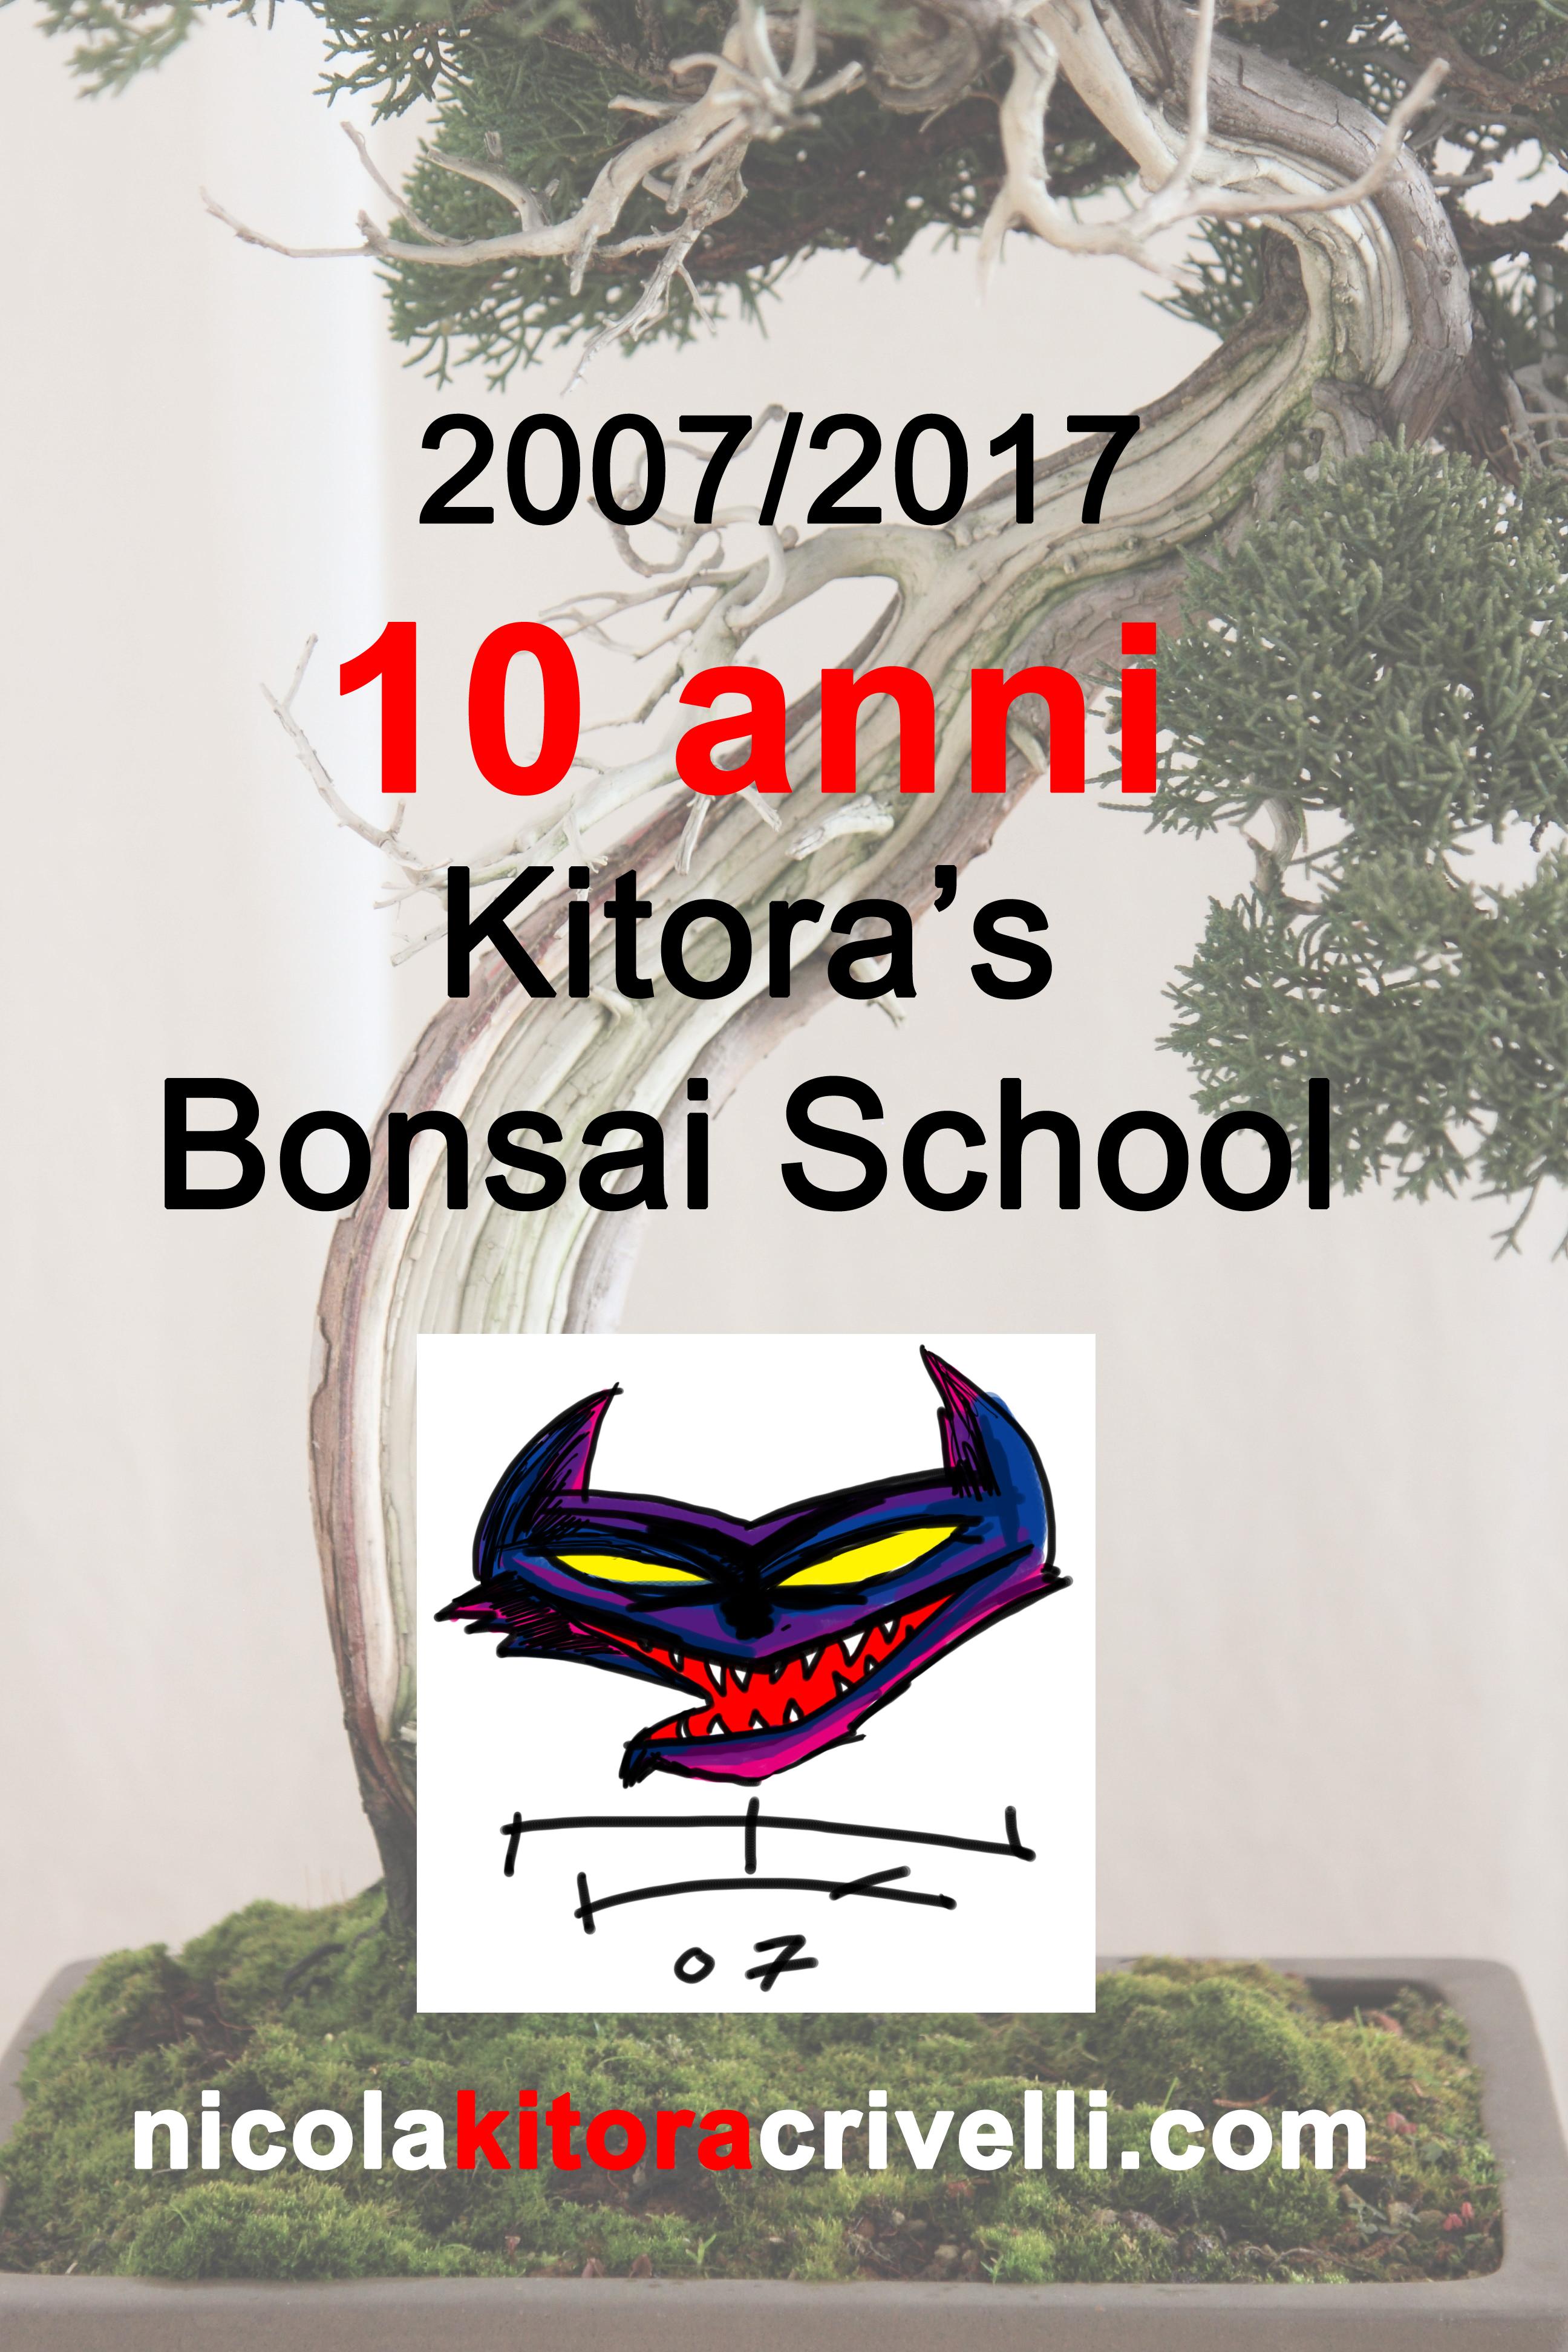 10anni kitora school.jpg